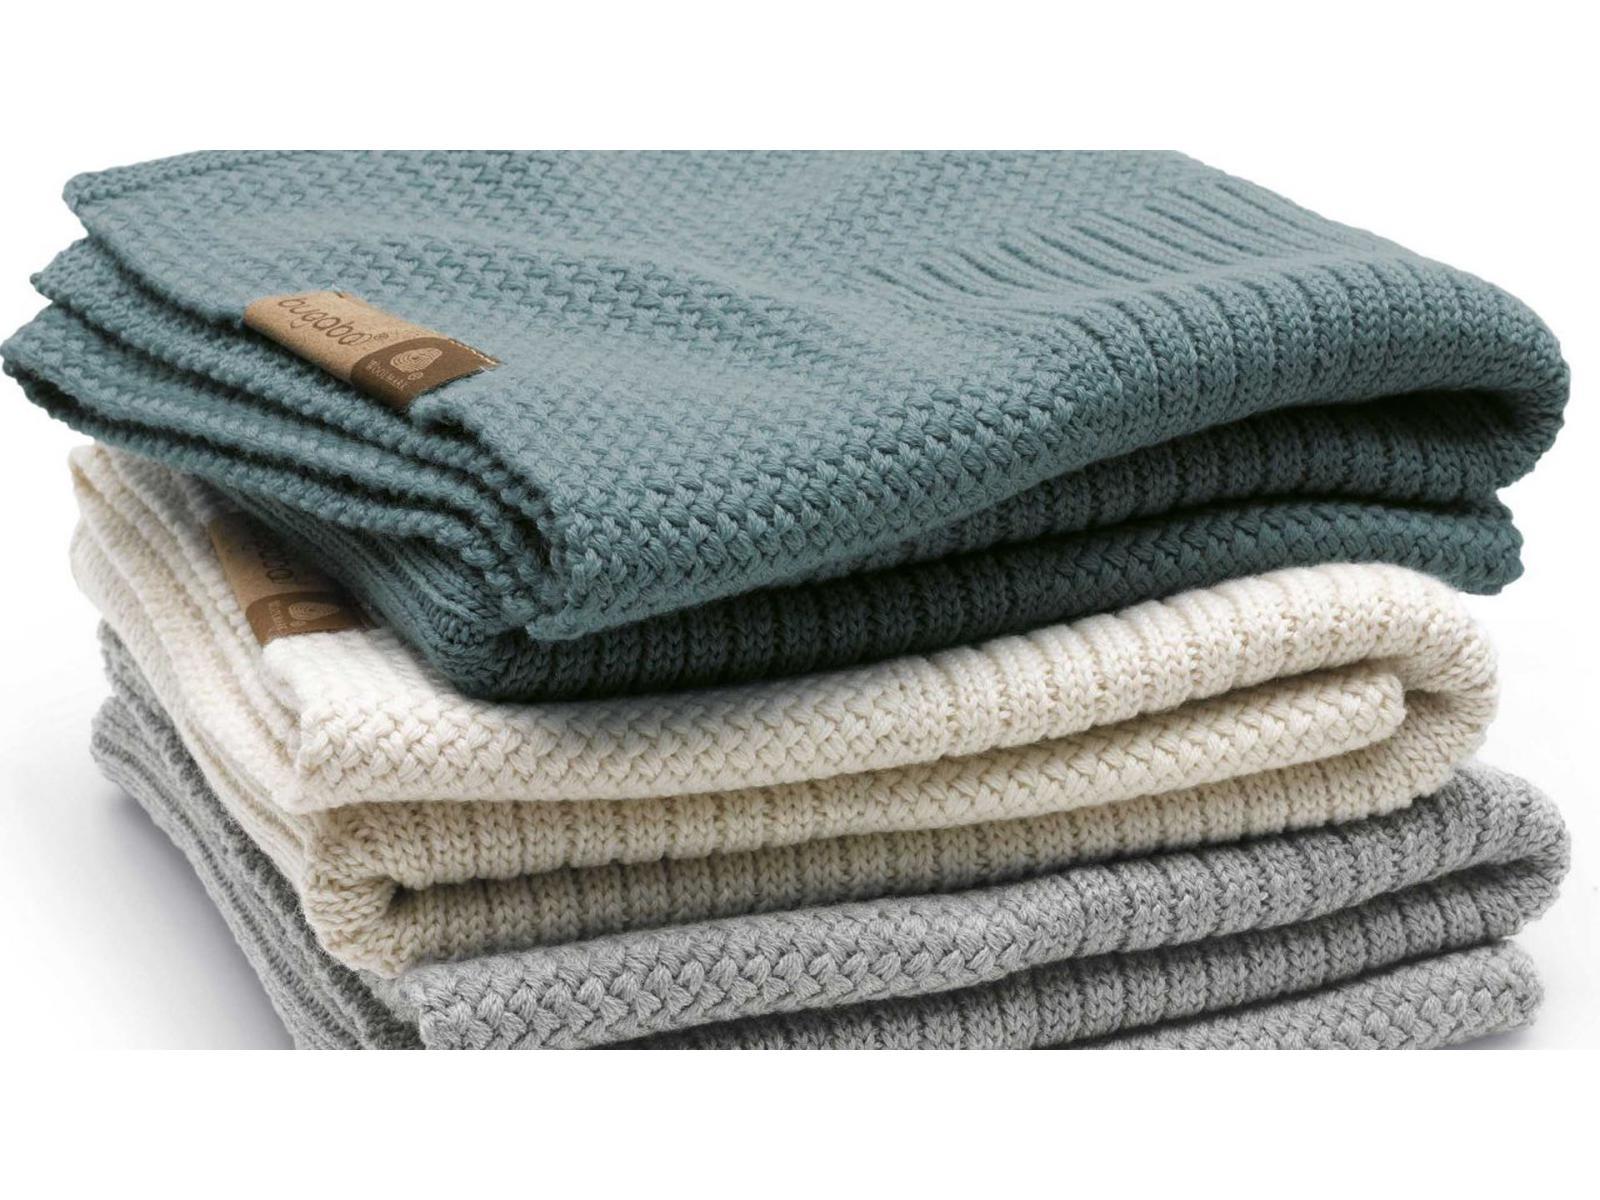 bugaboo couverture en laine 2016 gris clair m lange 80x100cm. Black Bedroom Furniture Sets. Home Design Ideas